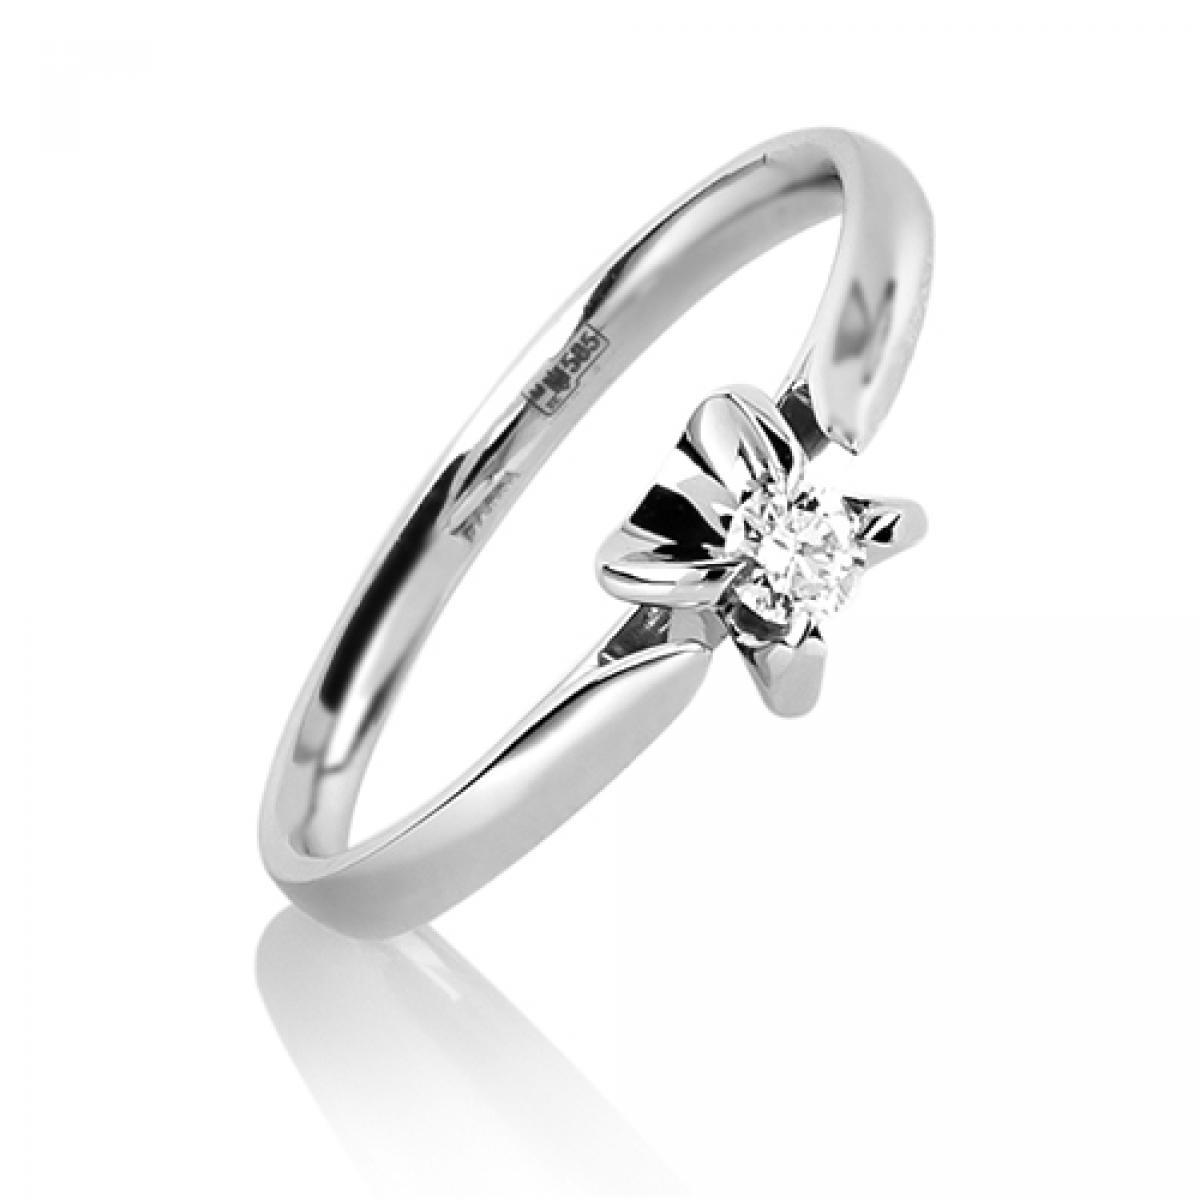 Каблучка з діамантом в білому золоті ``Ilona``(16,5-1,9)